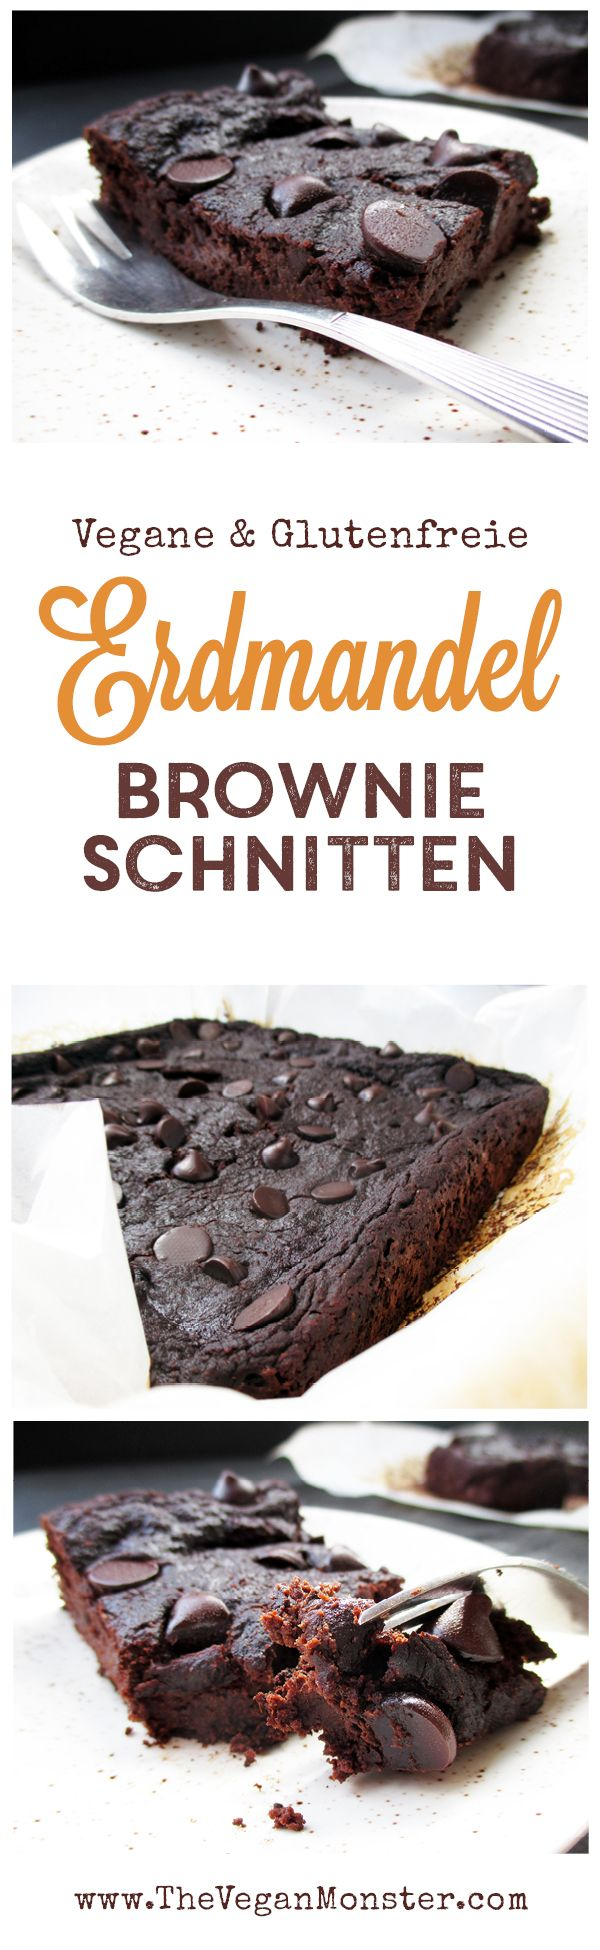 Erdmandel Brownie Schnitten Vegan Glutenfrei Ohne Kristallzucker